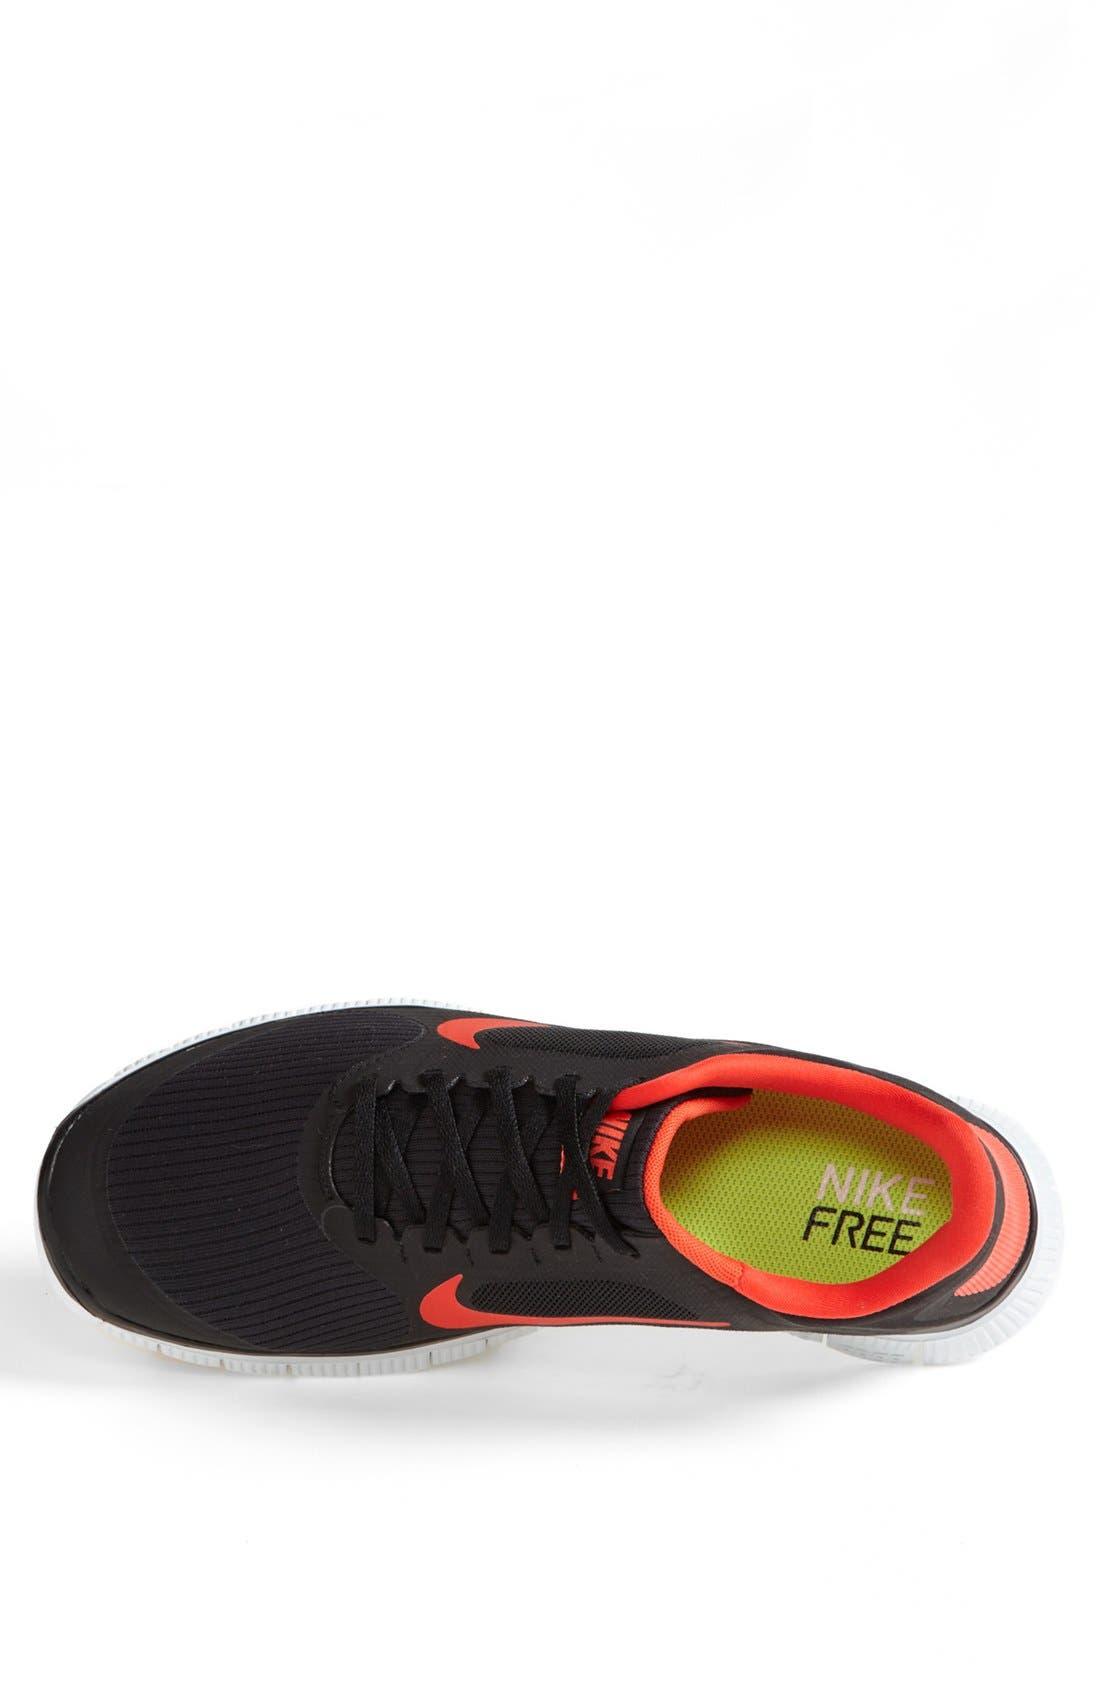 Alternate Image 3  - Nike 'Free 4.0 V3' Running Shoe (Men)